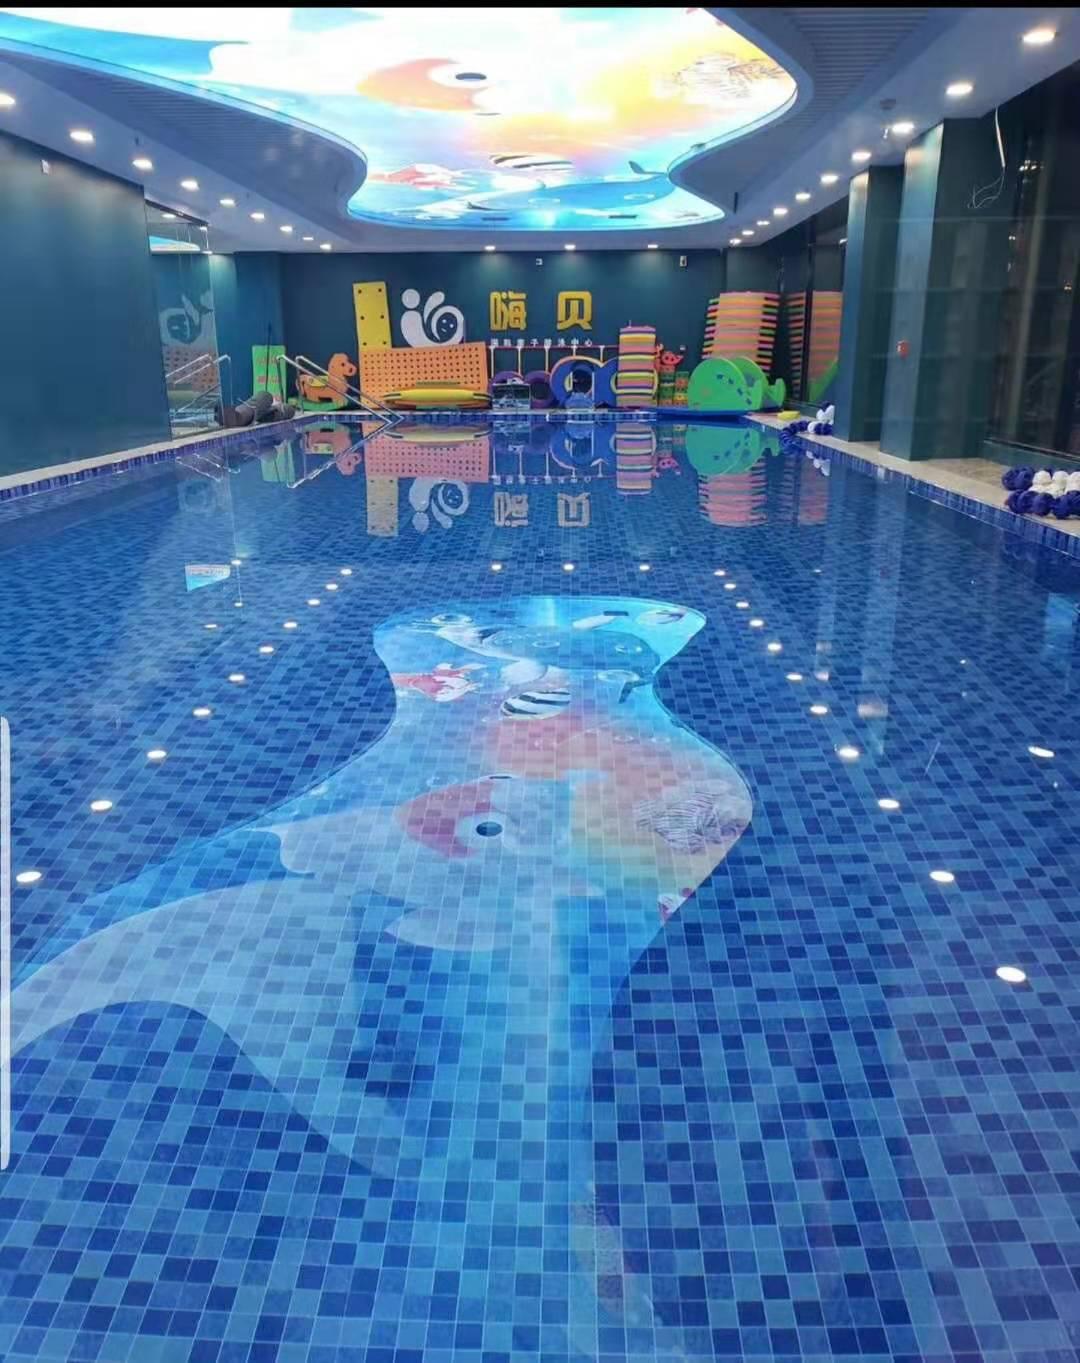 为什么装配式游泳池受这么多泳池建造公司喜欢